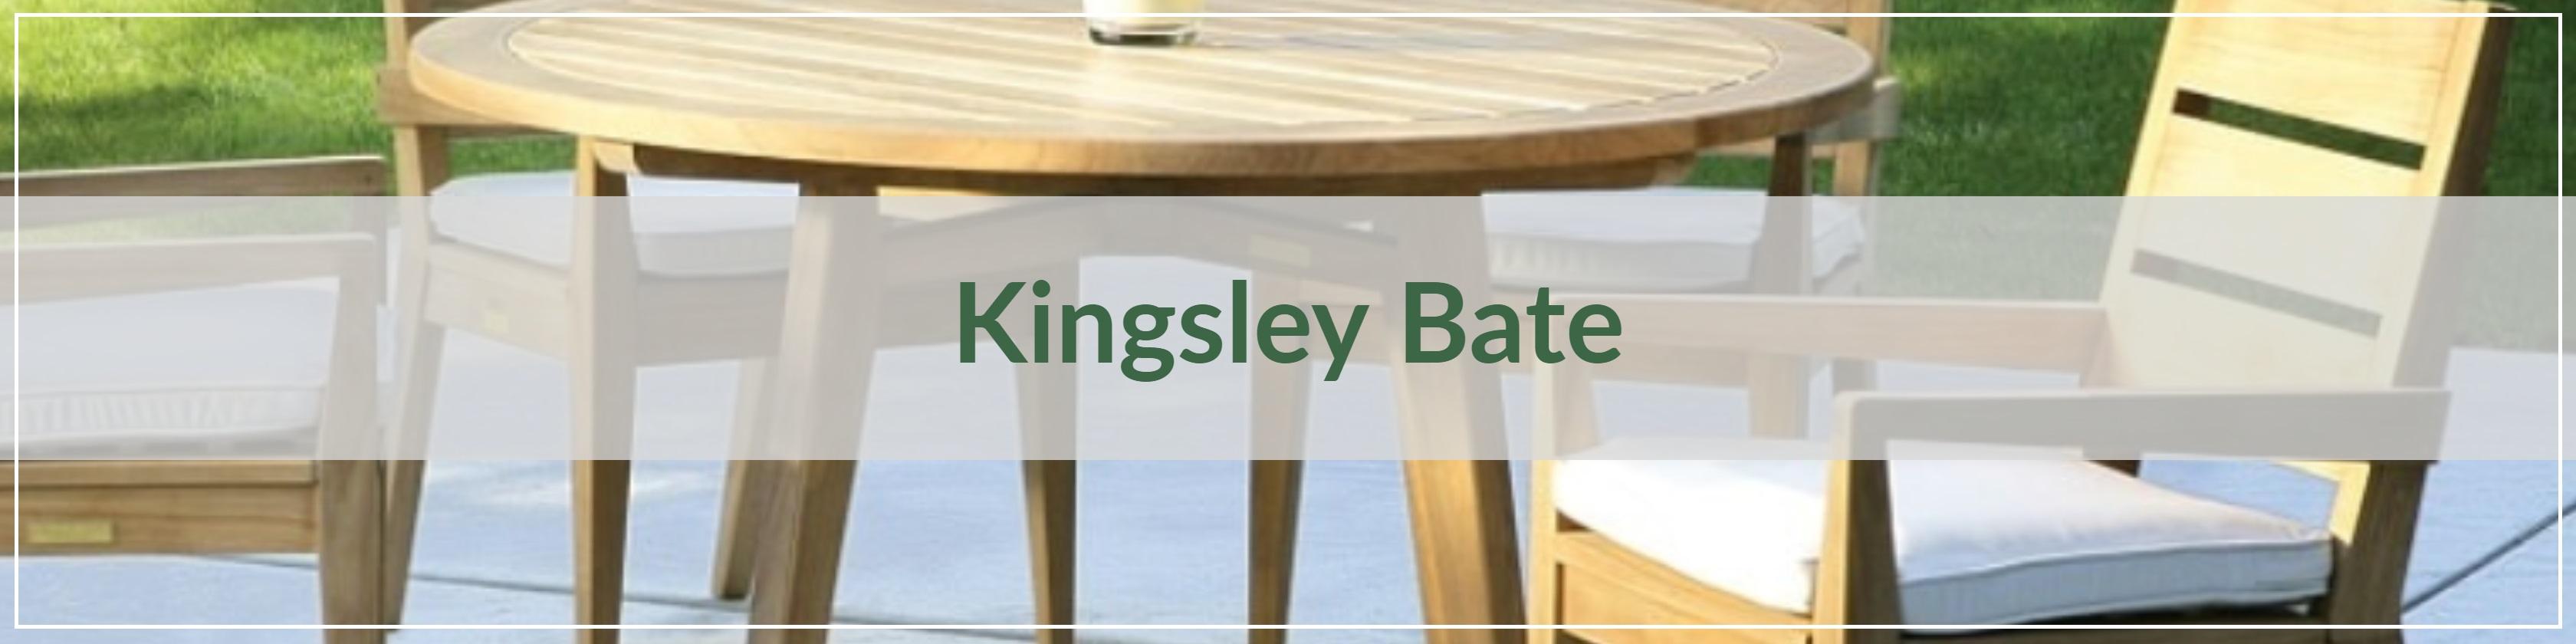 Kingsley Bate Wood Outdoor Dining